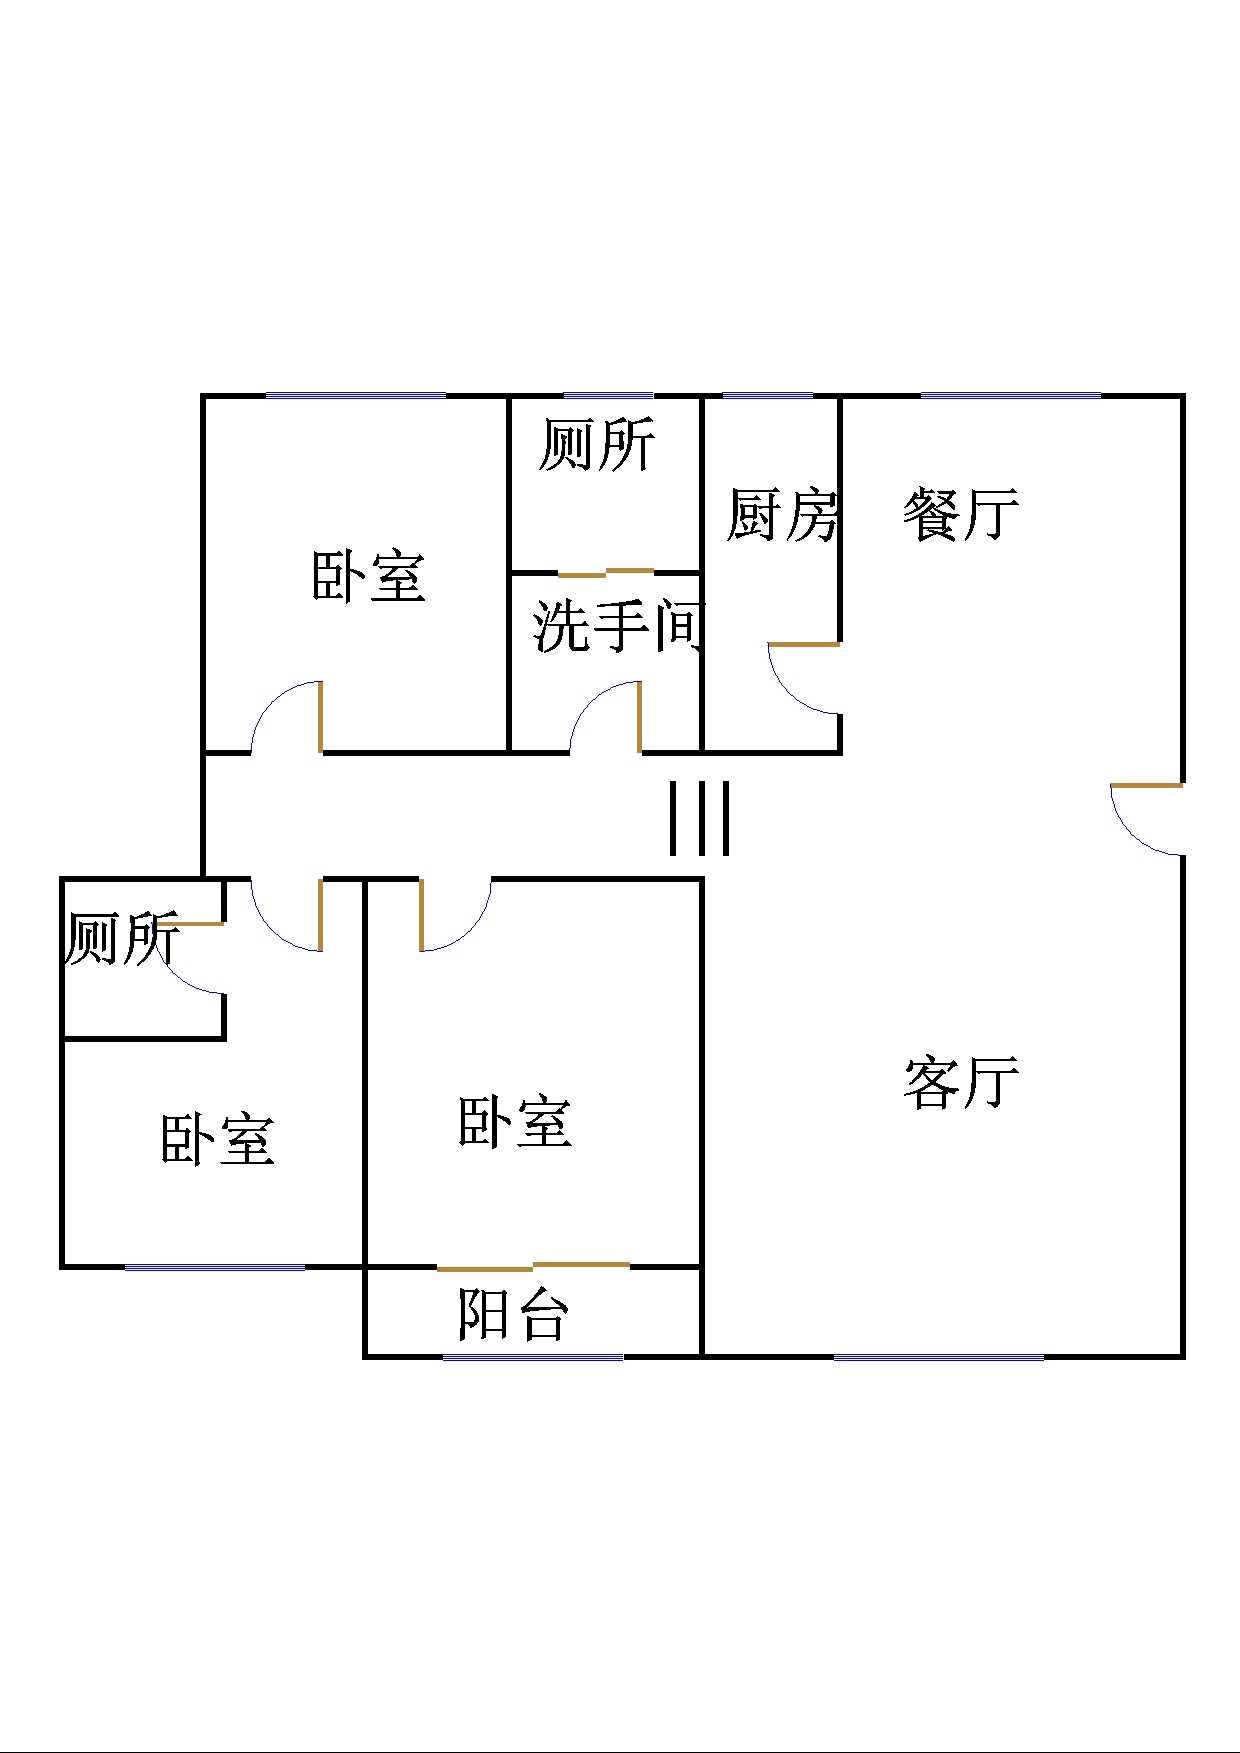 工商分局宿舍(开发区) 3室2厅 双证齐全 简装 122万